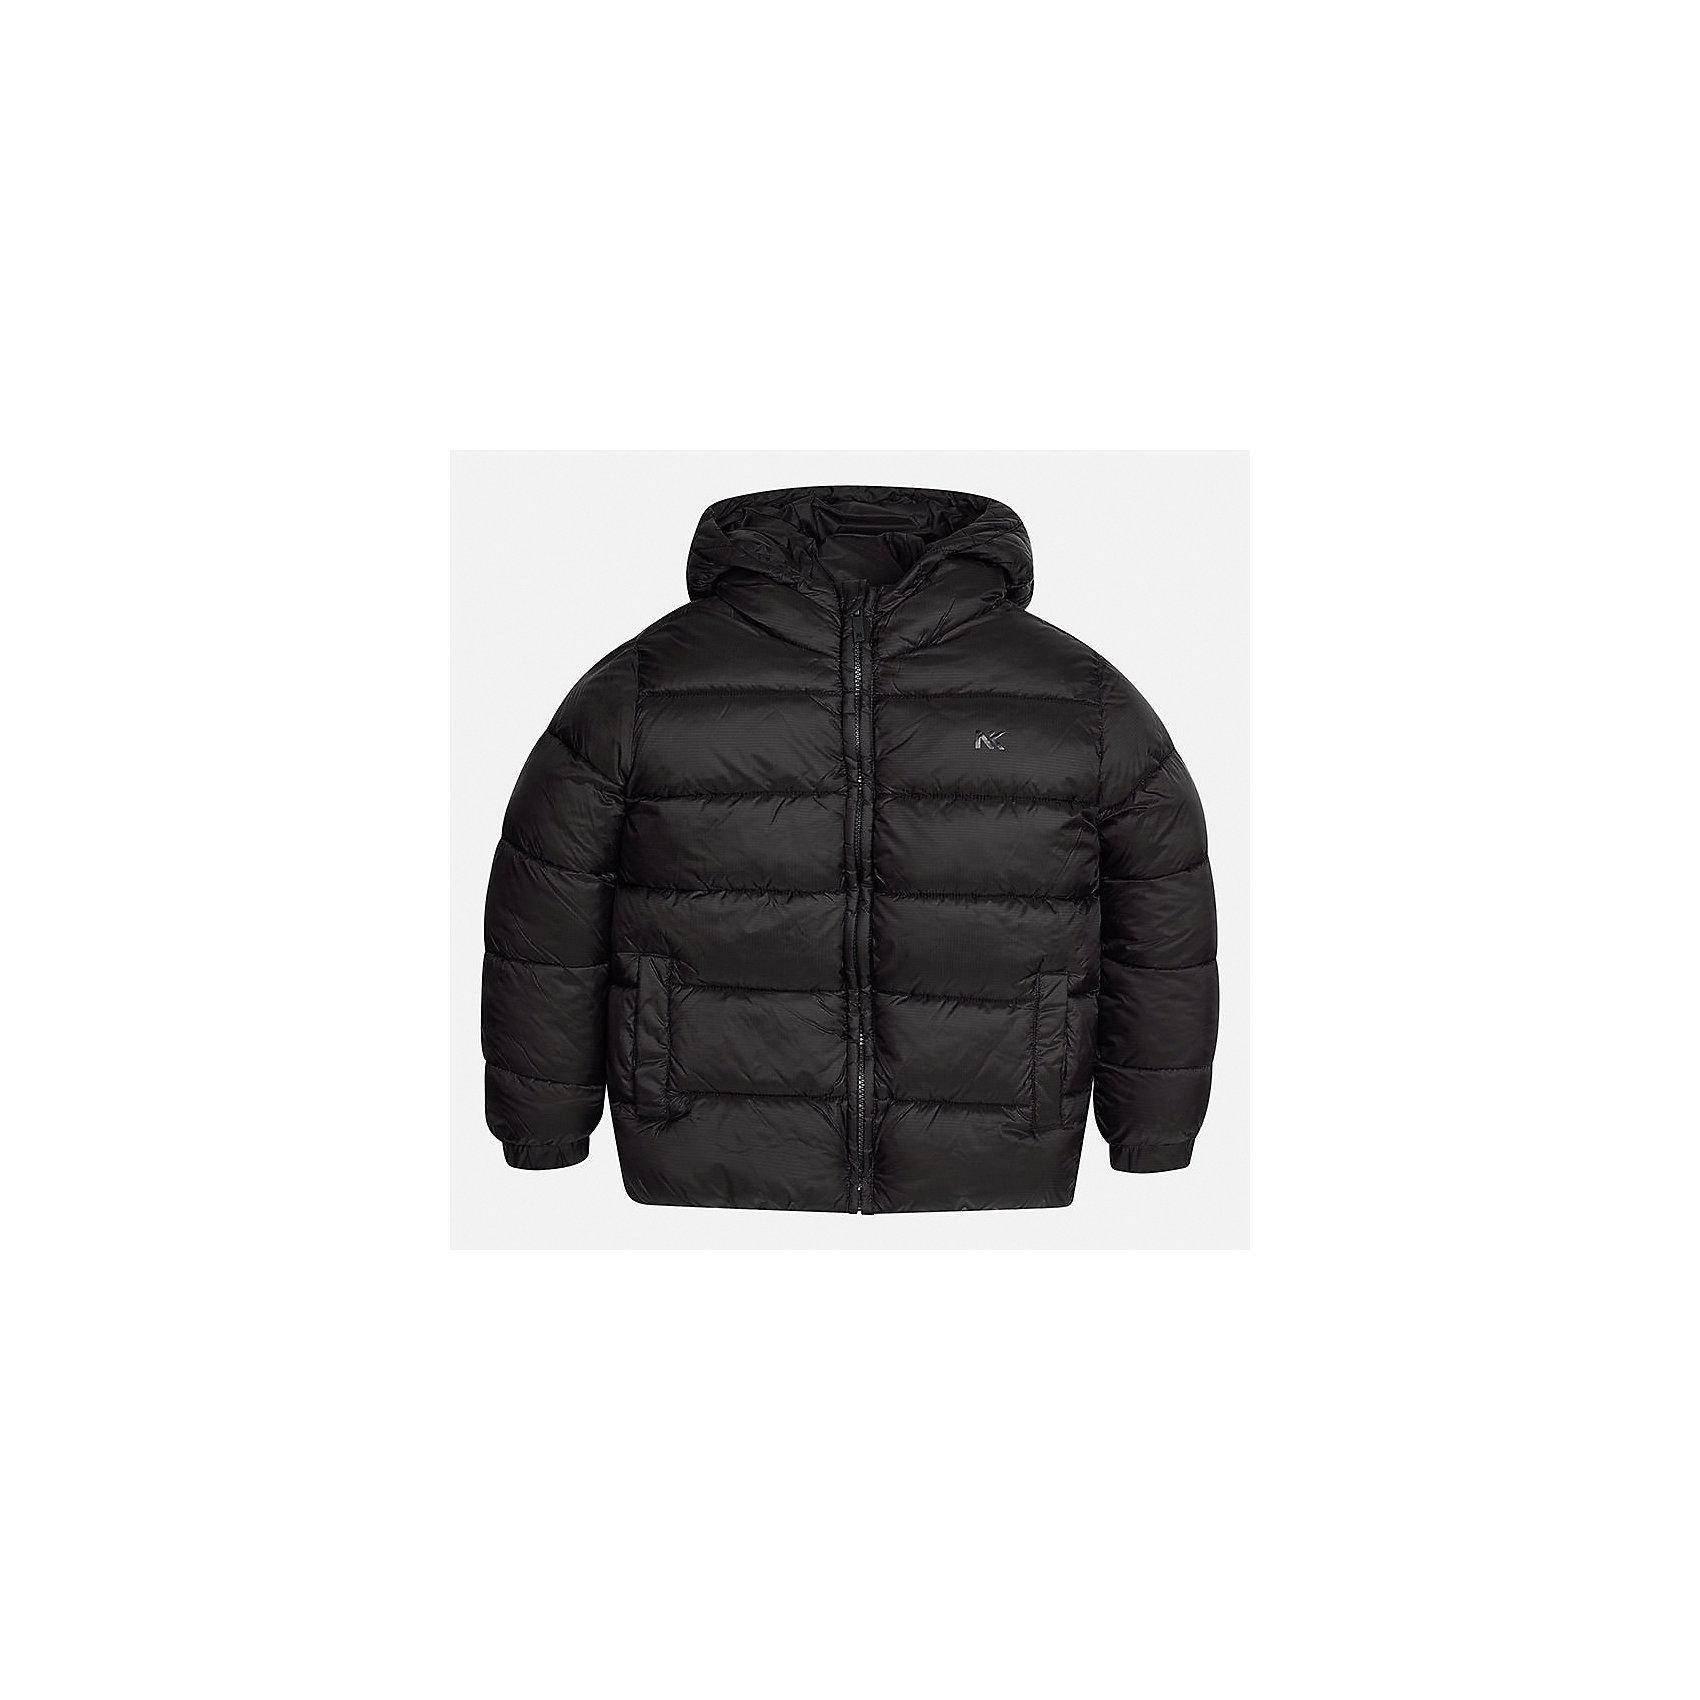 Куртка для мальчика MayoralВерхняя одежда<br>Характеристики товара:<br><br>• цвет: черный;<br>• сезон: демисезон;<br>• состав ткани: 100% полиэстер;<br>• состав подкладки: 100% полиэстер;<br>• стеганая;<br>• капюшон: без меха, не отстегивается;<br>• страна бренда: Испания;<br>• страна изготовитель: Бангладеш.<br><br>Демисезонная куртка для мальчика от популярного бренда Mayoral несомненно понравится вам и вашему ребенку. Качественные ткани, безупречное исполнение, все модели в центре модных тенденций. Внешняя ткань плащевая, подкладка из флиса, аккуратные швы. Рукава на внутренней манжете. Застегивается на замок-молнию, капюшон не отстегивается. <br><br>Легкая и теплая куртка с капюшоном и карманами на холодную осень-весну. Грамотный крой изделия обеспечивает отличную посадку по фигуре.<br><br>Куртку  для мальчика Mayoral (Майорал) можно купить в нашем интернет-магазине.<br><br>Ширина мм: 356<br>Глубина мм: 10<br>Высота мм: 245<br>Вес г: 519<br>Цвет: черный<br>Возраст от месяцев: 108<br>Возраст до месяцев: 120<br>Пол: Мужской<br>Возраст: Детский<br>Размер: 140,170,164,158,152<br>SKU: 6931943